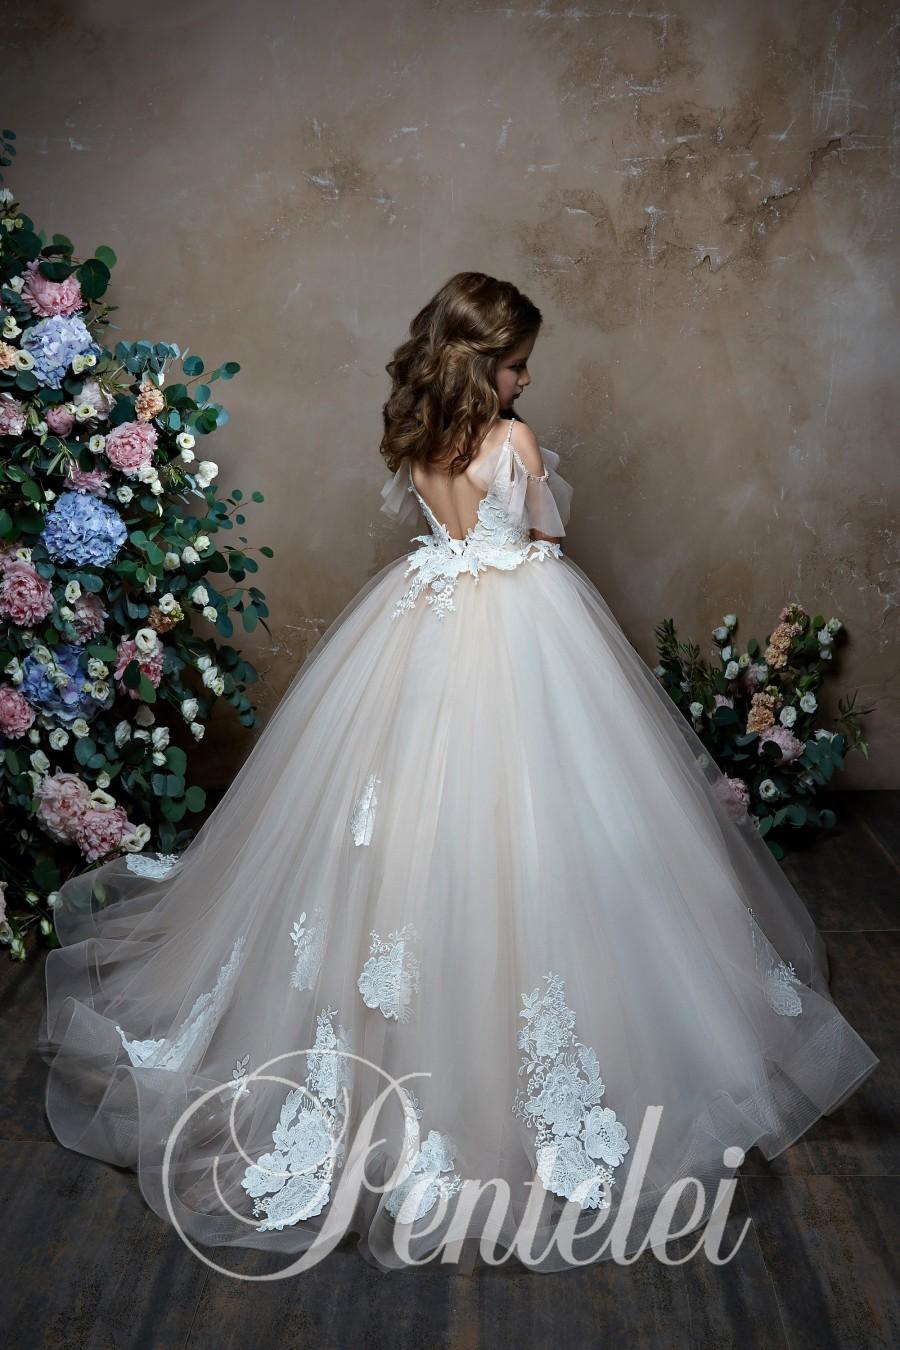 Mariage - Flower Girl Dress, Tulle Flower Girl, Tutu Flower Girl, Flower Girl Dresses, Satin Dress, Birthday Party, Tutu Flower Girl Dresses